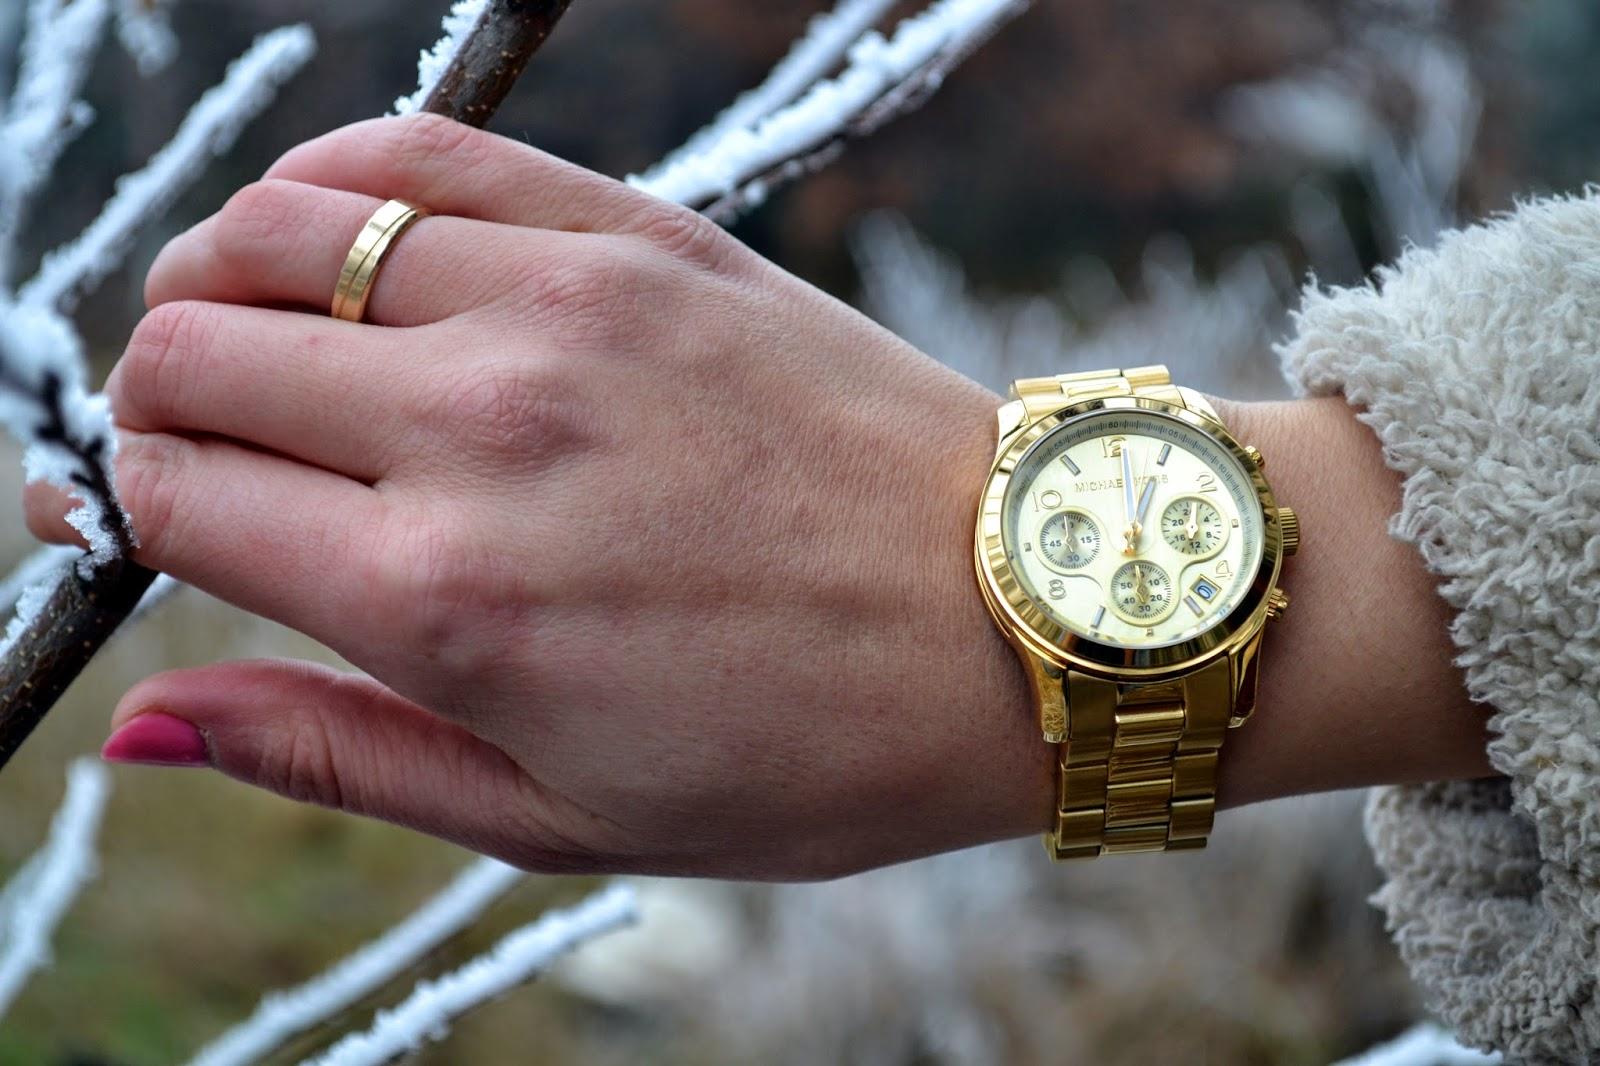 Michael Kors, michael kors mk5055, zegarek kors